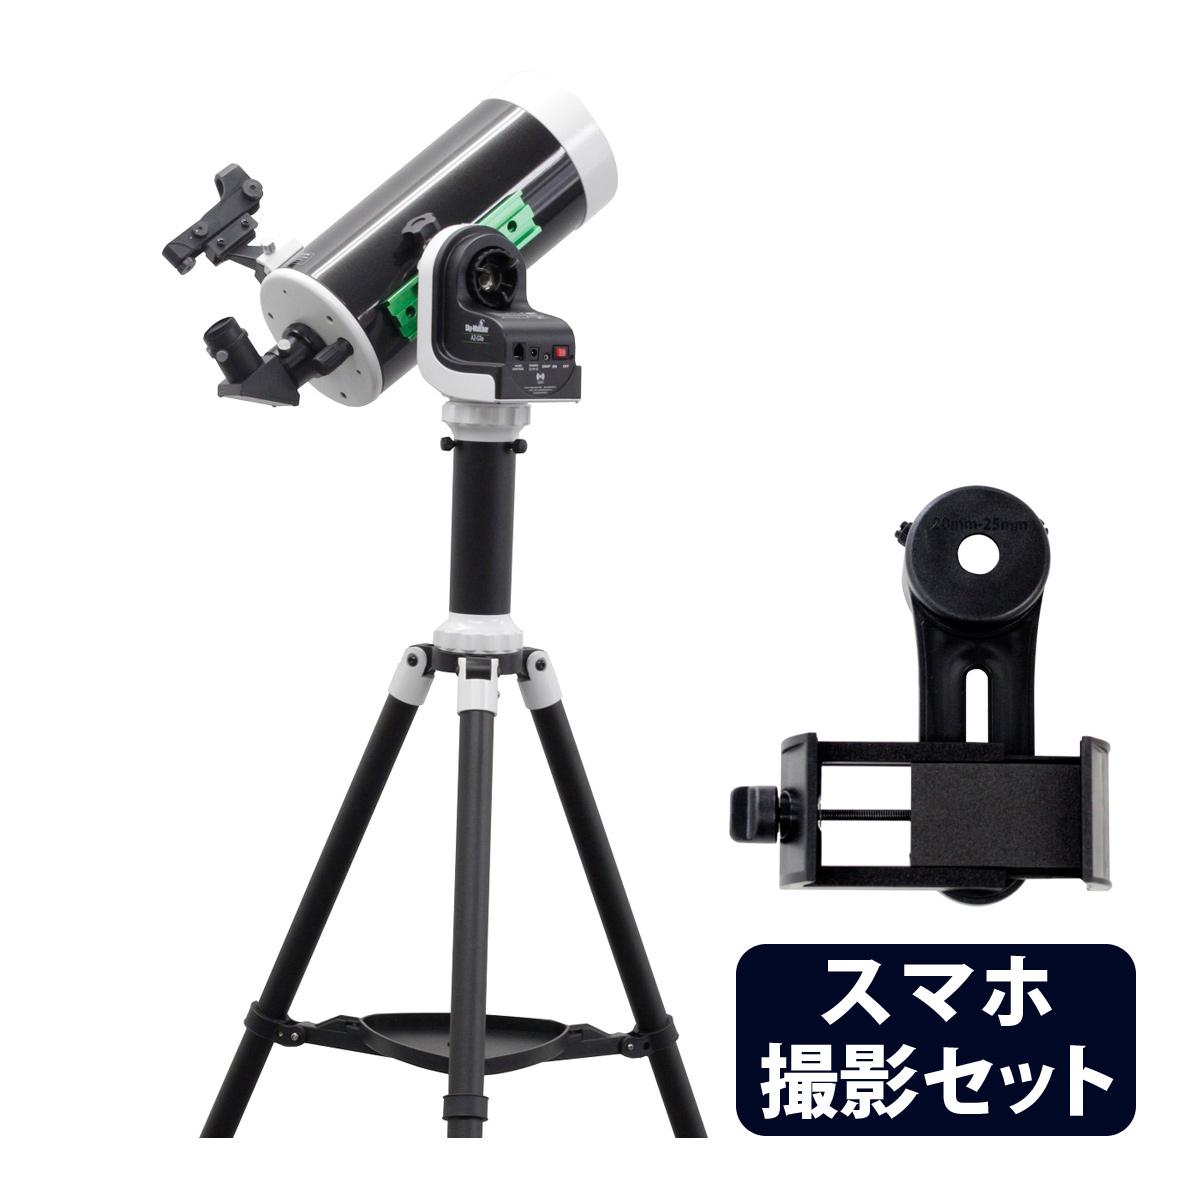 天体望遠鏡 初心者 スマホ撮影セット 自動追尾 自動導入経緯台 AZ-GTi+ 鏡筒MAK127+三脚+ピラーセット スカイウォッチャー WiFi アプリ iPhone Sky-Wattcher